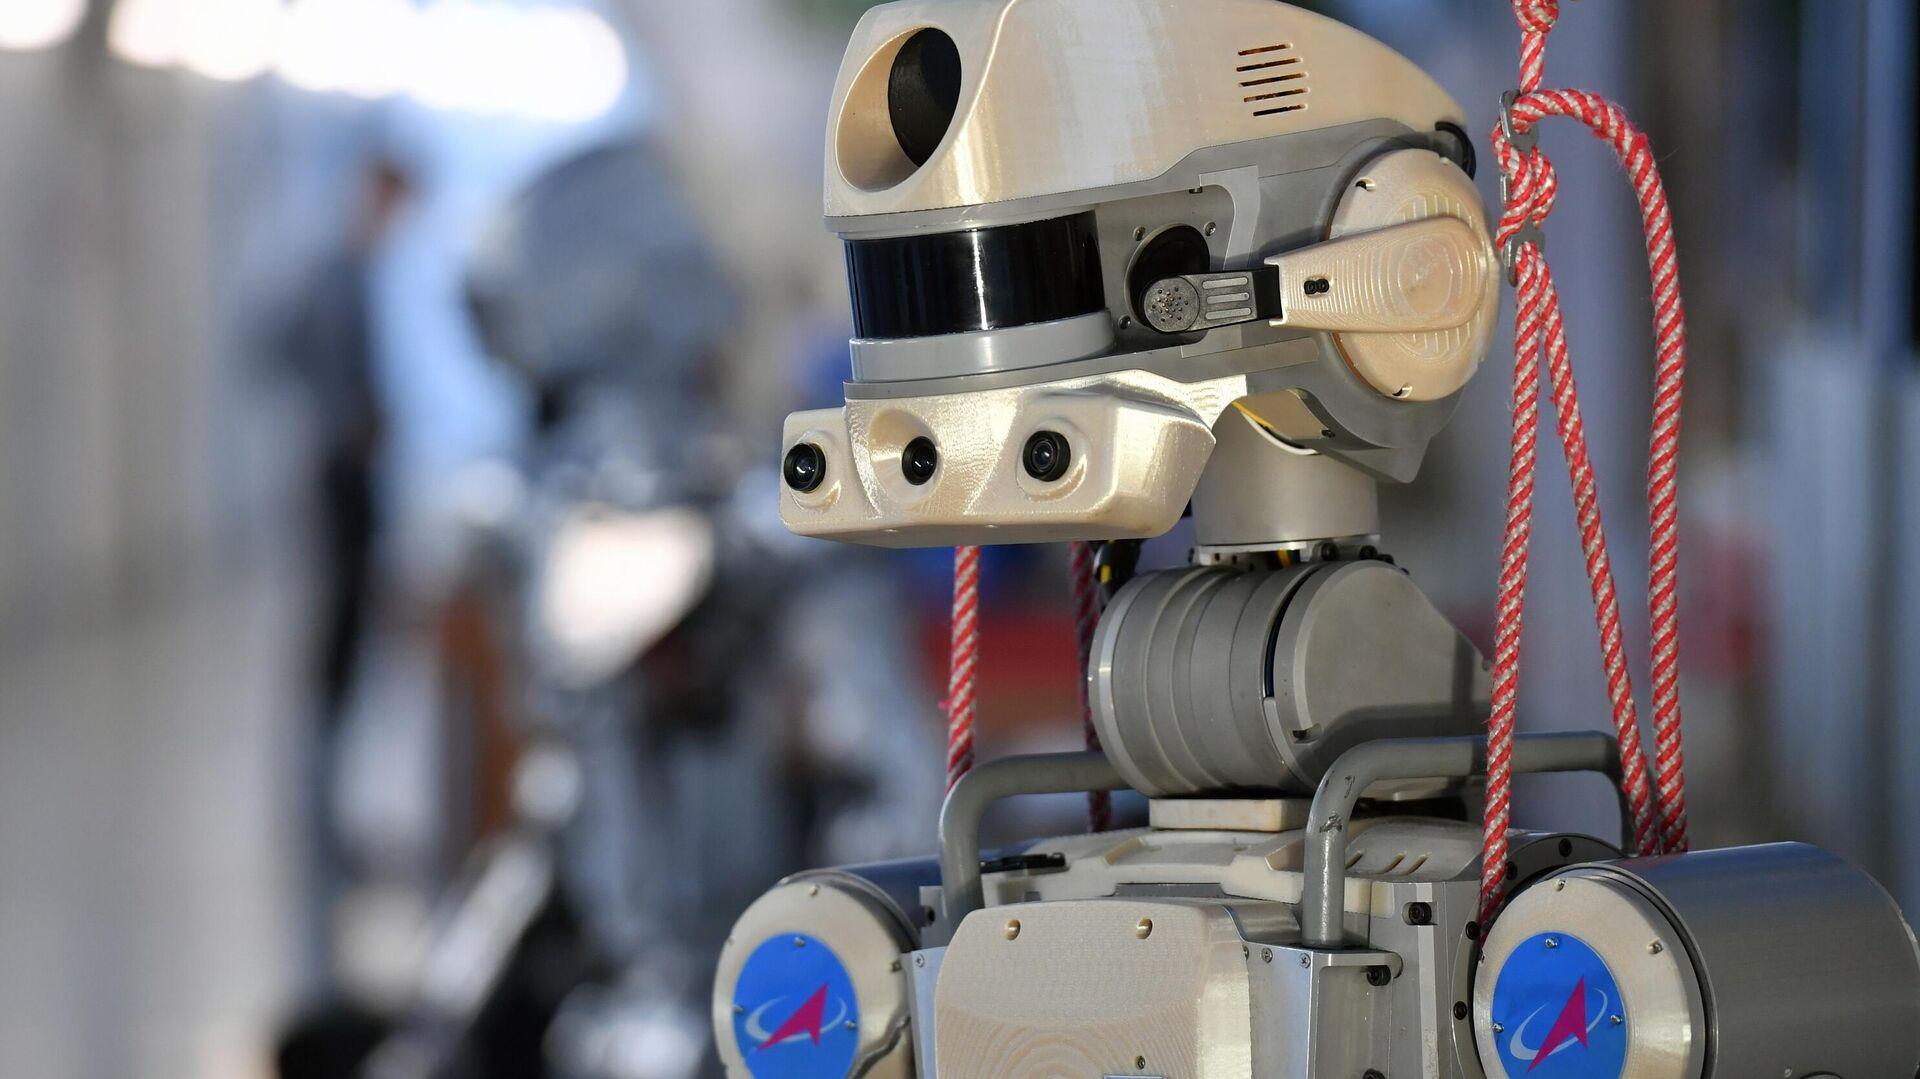 Антропоморфный робот SKYBOT F-850 Фёдор, представленный на XIII Международной научно-практической конференции Пилотируемые полёты в космос - РИА Новости, 1920, 27.07.2020